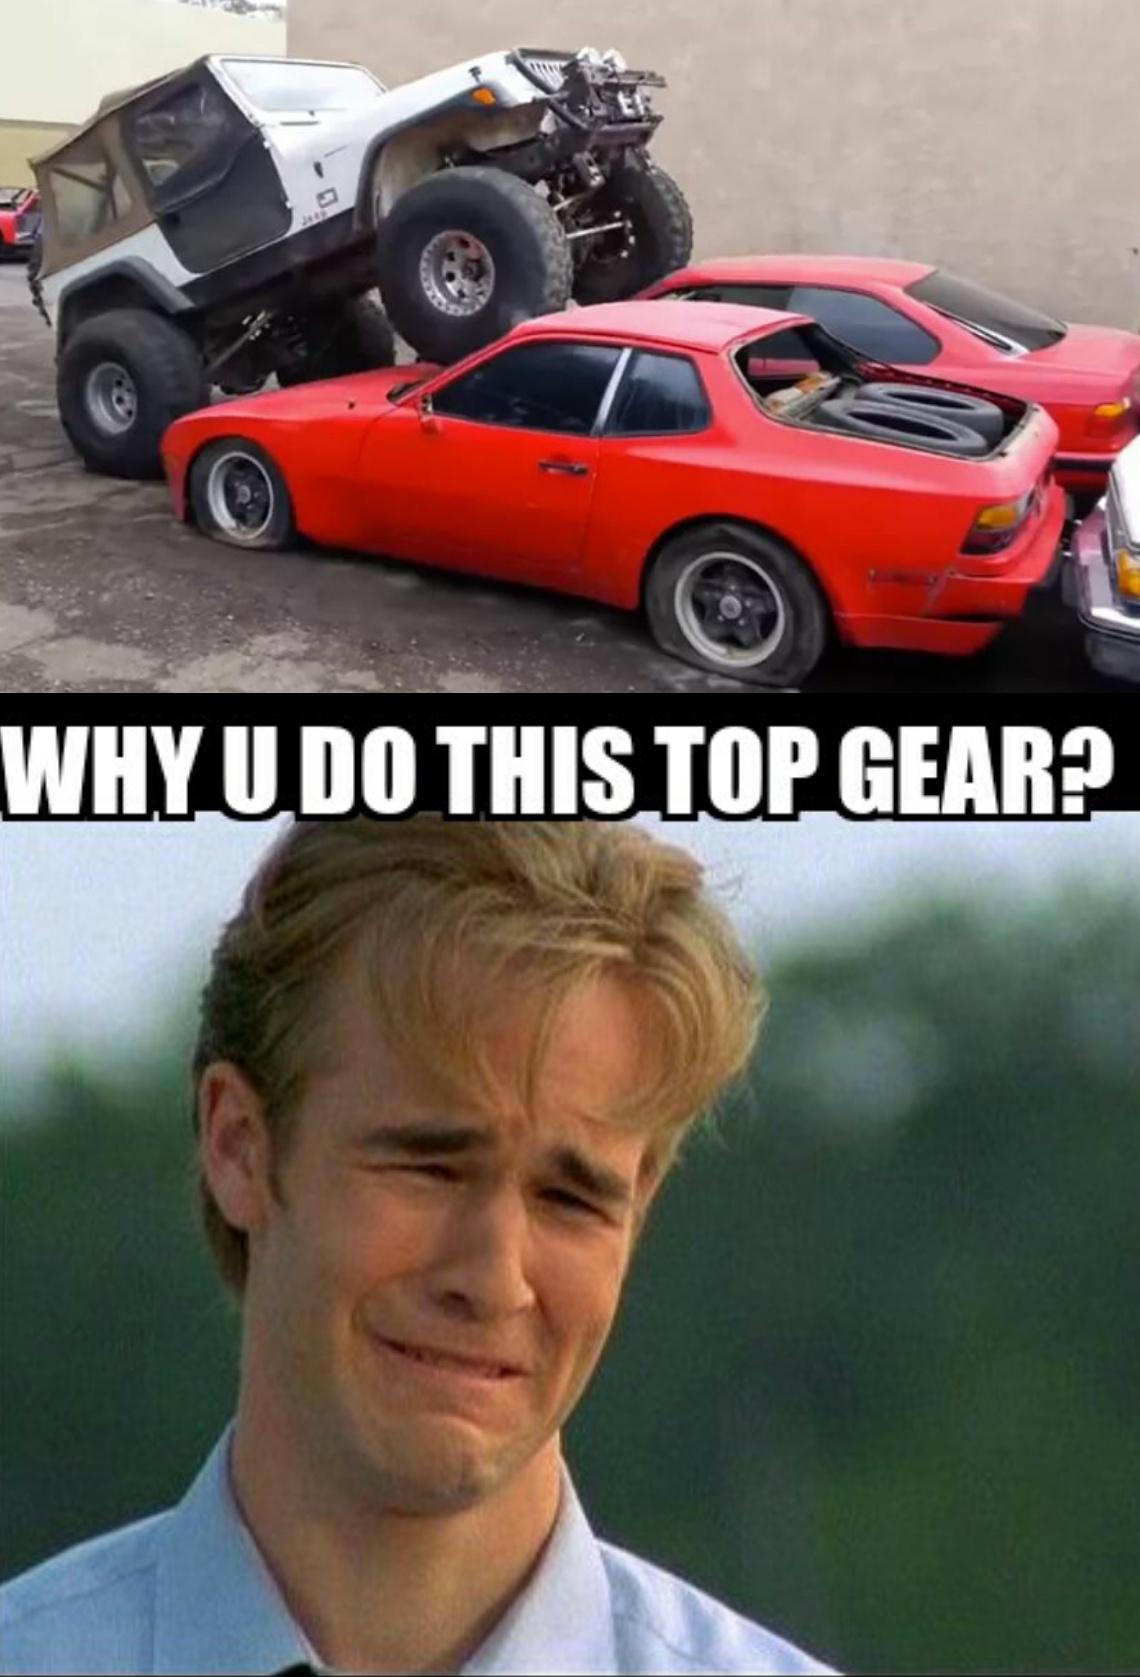 Top Gear Memes